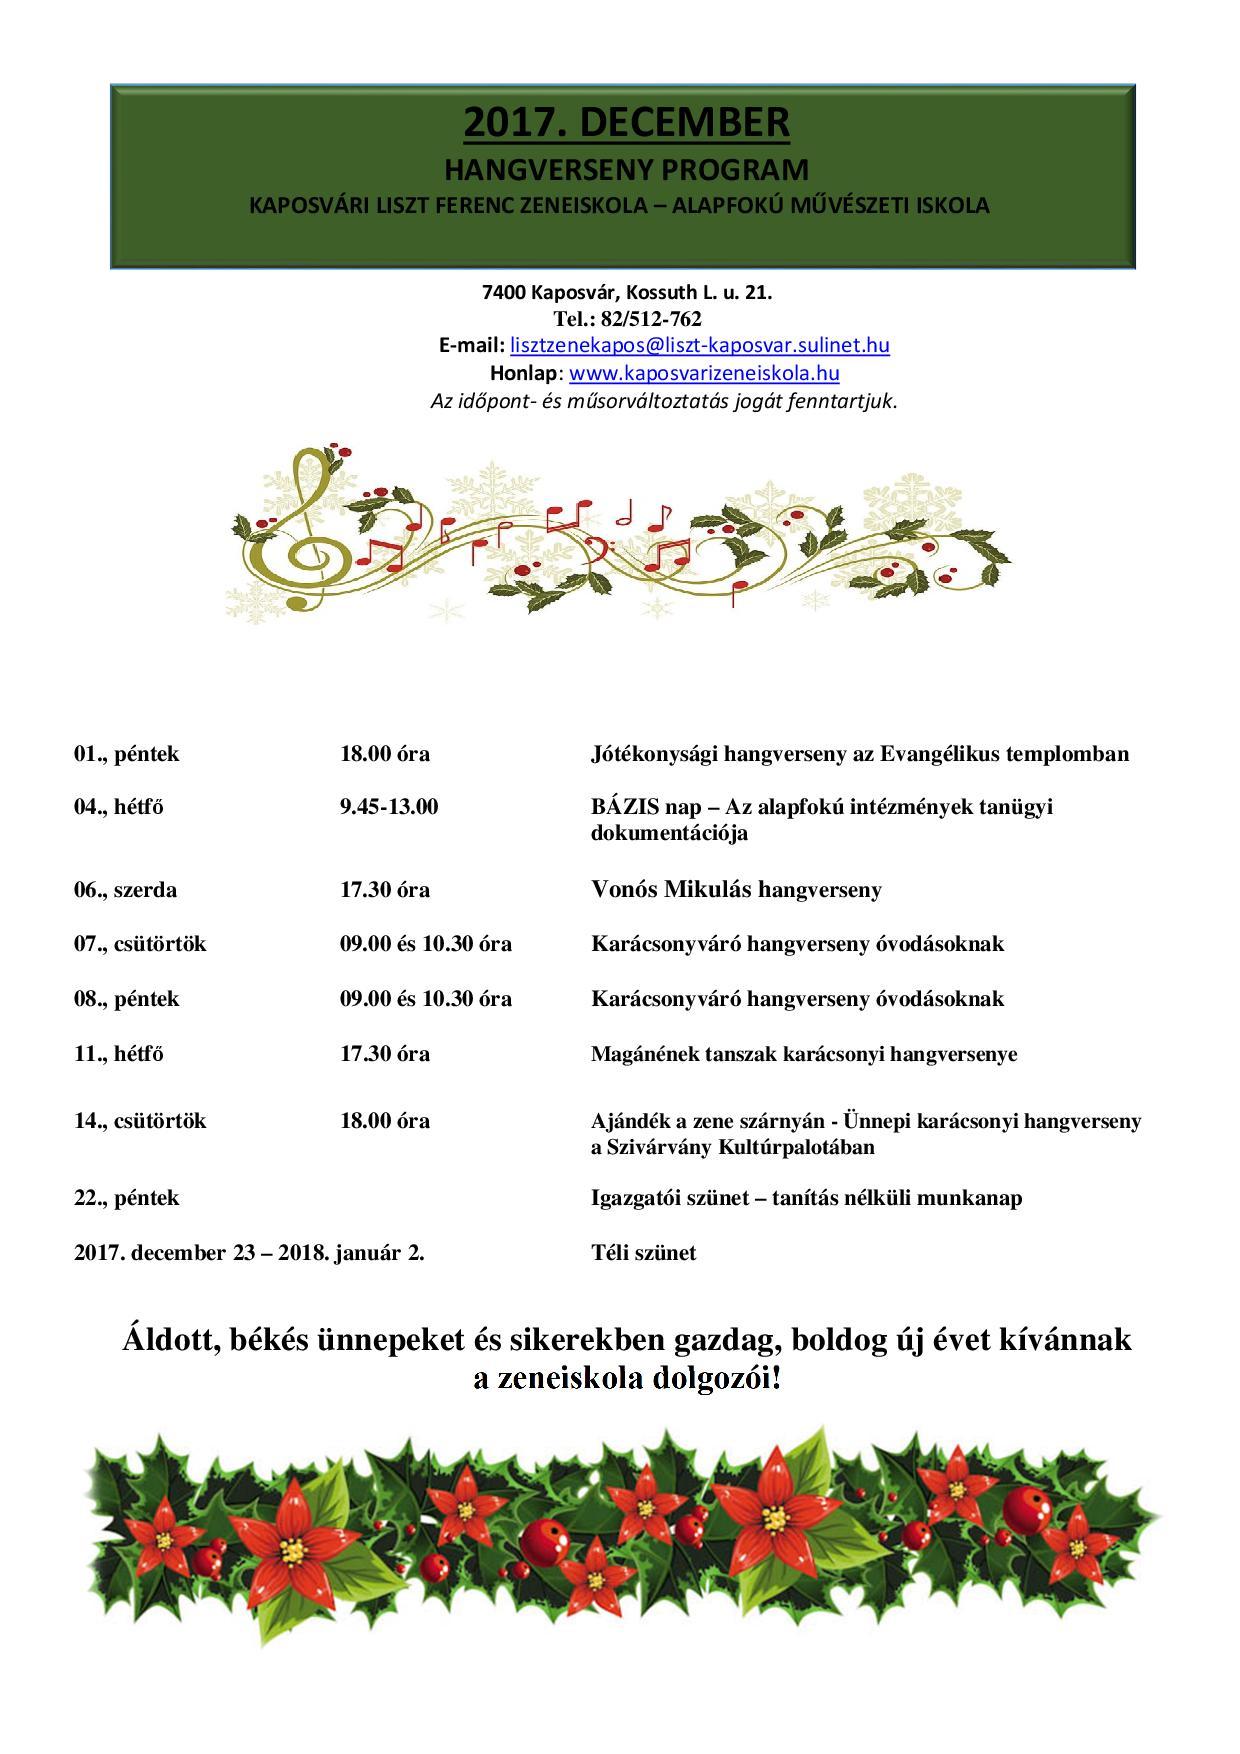 2017. december havi program